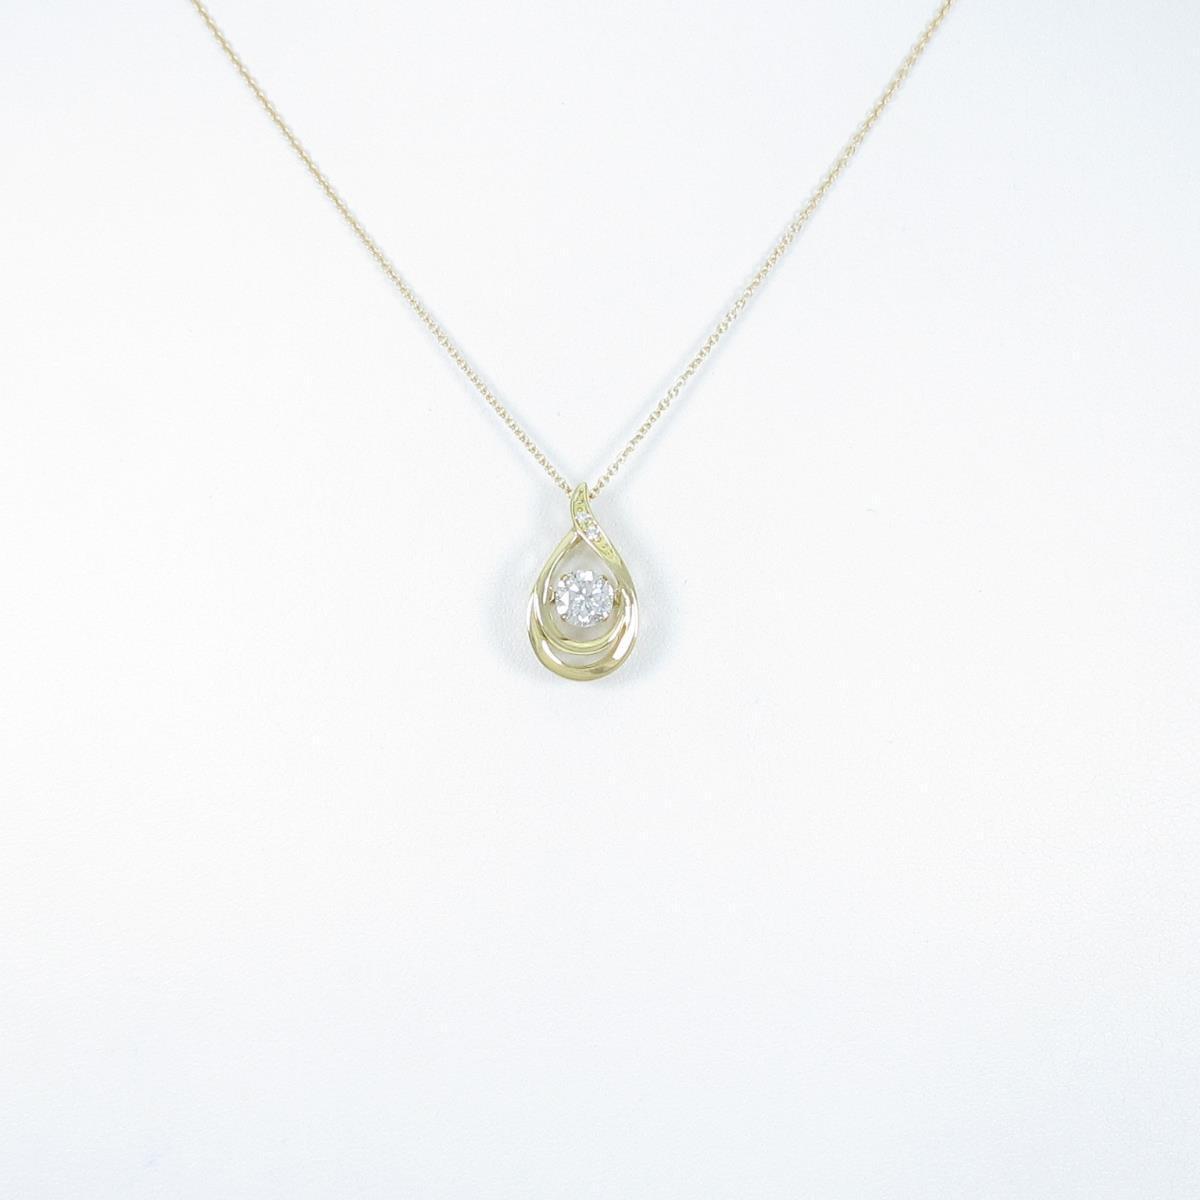 【リメイク】K18YG ダイヤモンドネックレス 0.532ct・G・I1・GOOD【中古】